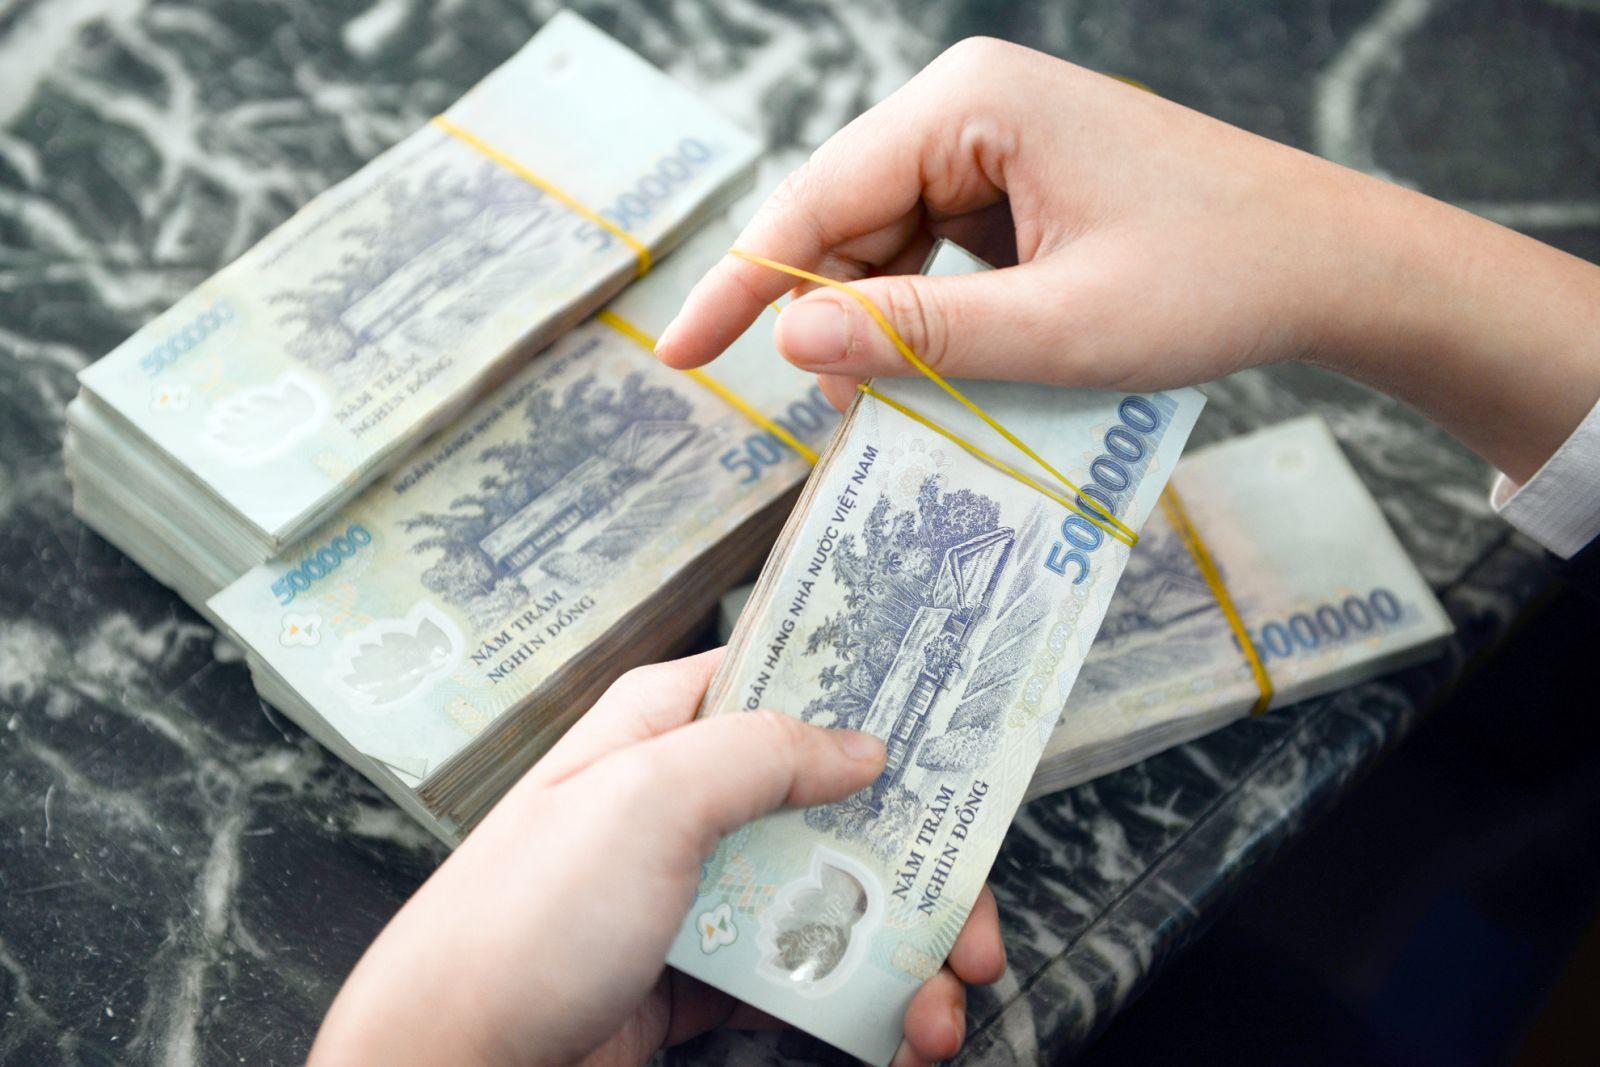 """Có 500 triệu nhưng vợ chồng trẻ Sài Gòn không mua vàng tích trữ mà """"chia tiền làm 5 giỏ"""" để tiền đẻ ra tiền  - Ảnh 2."""